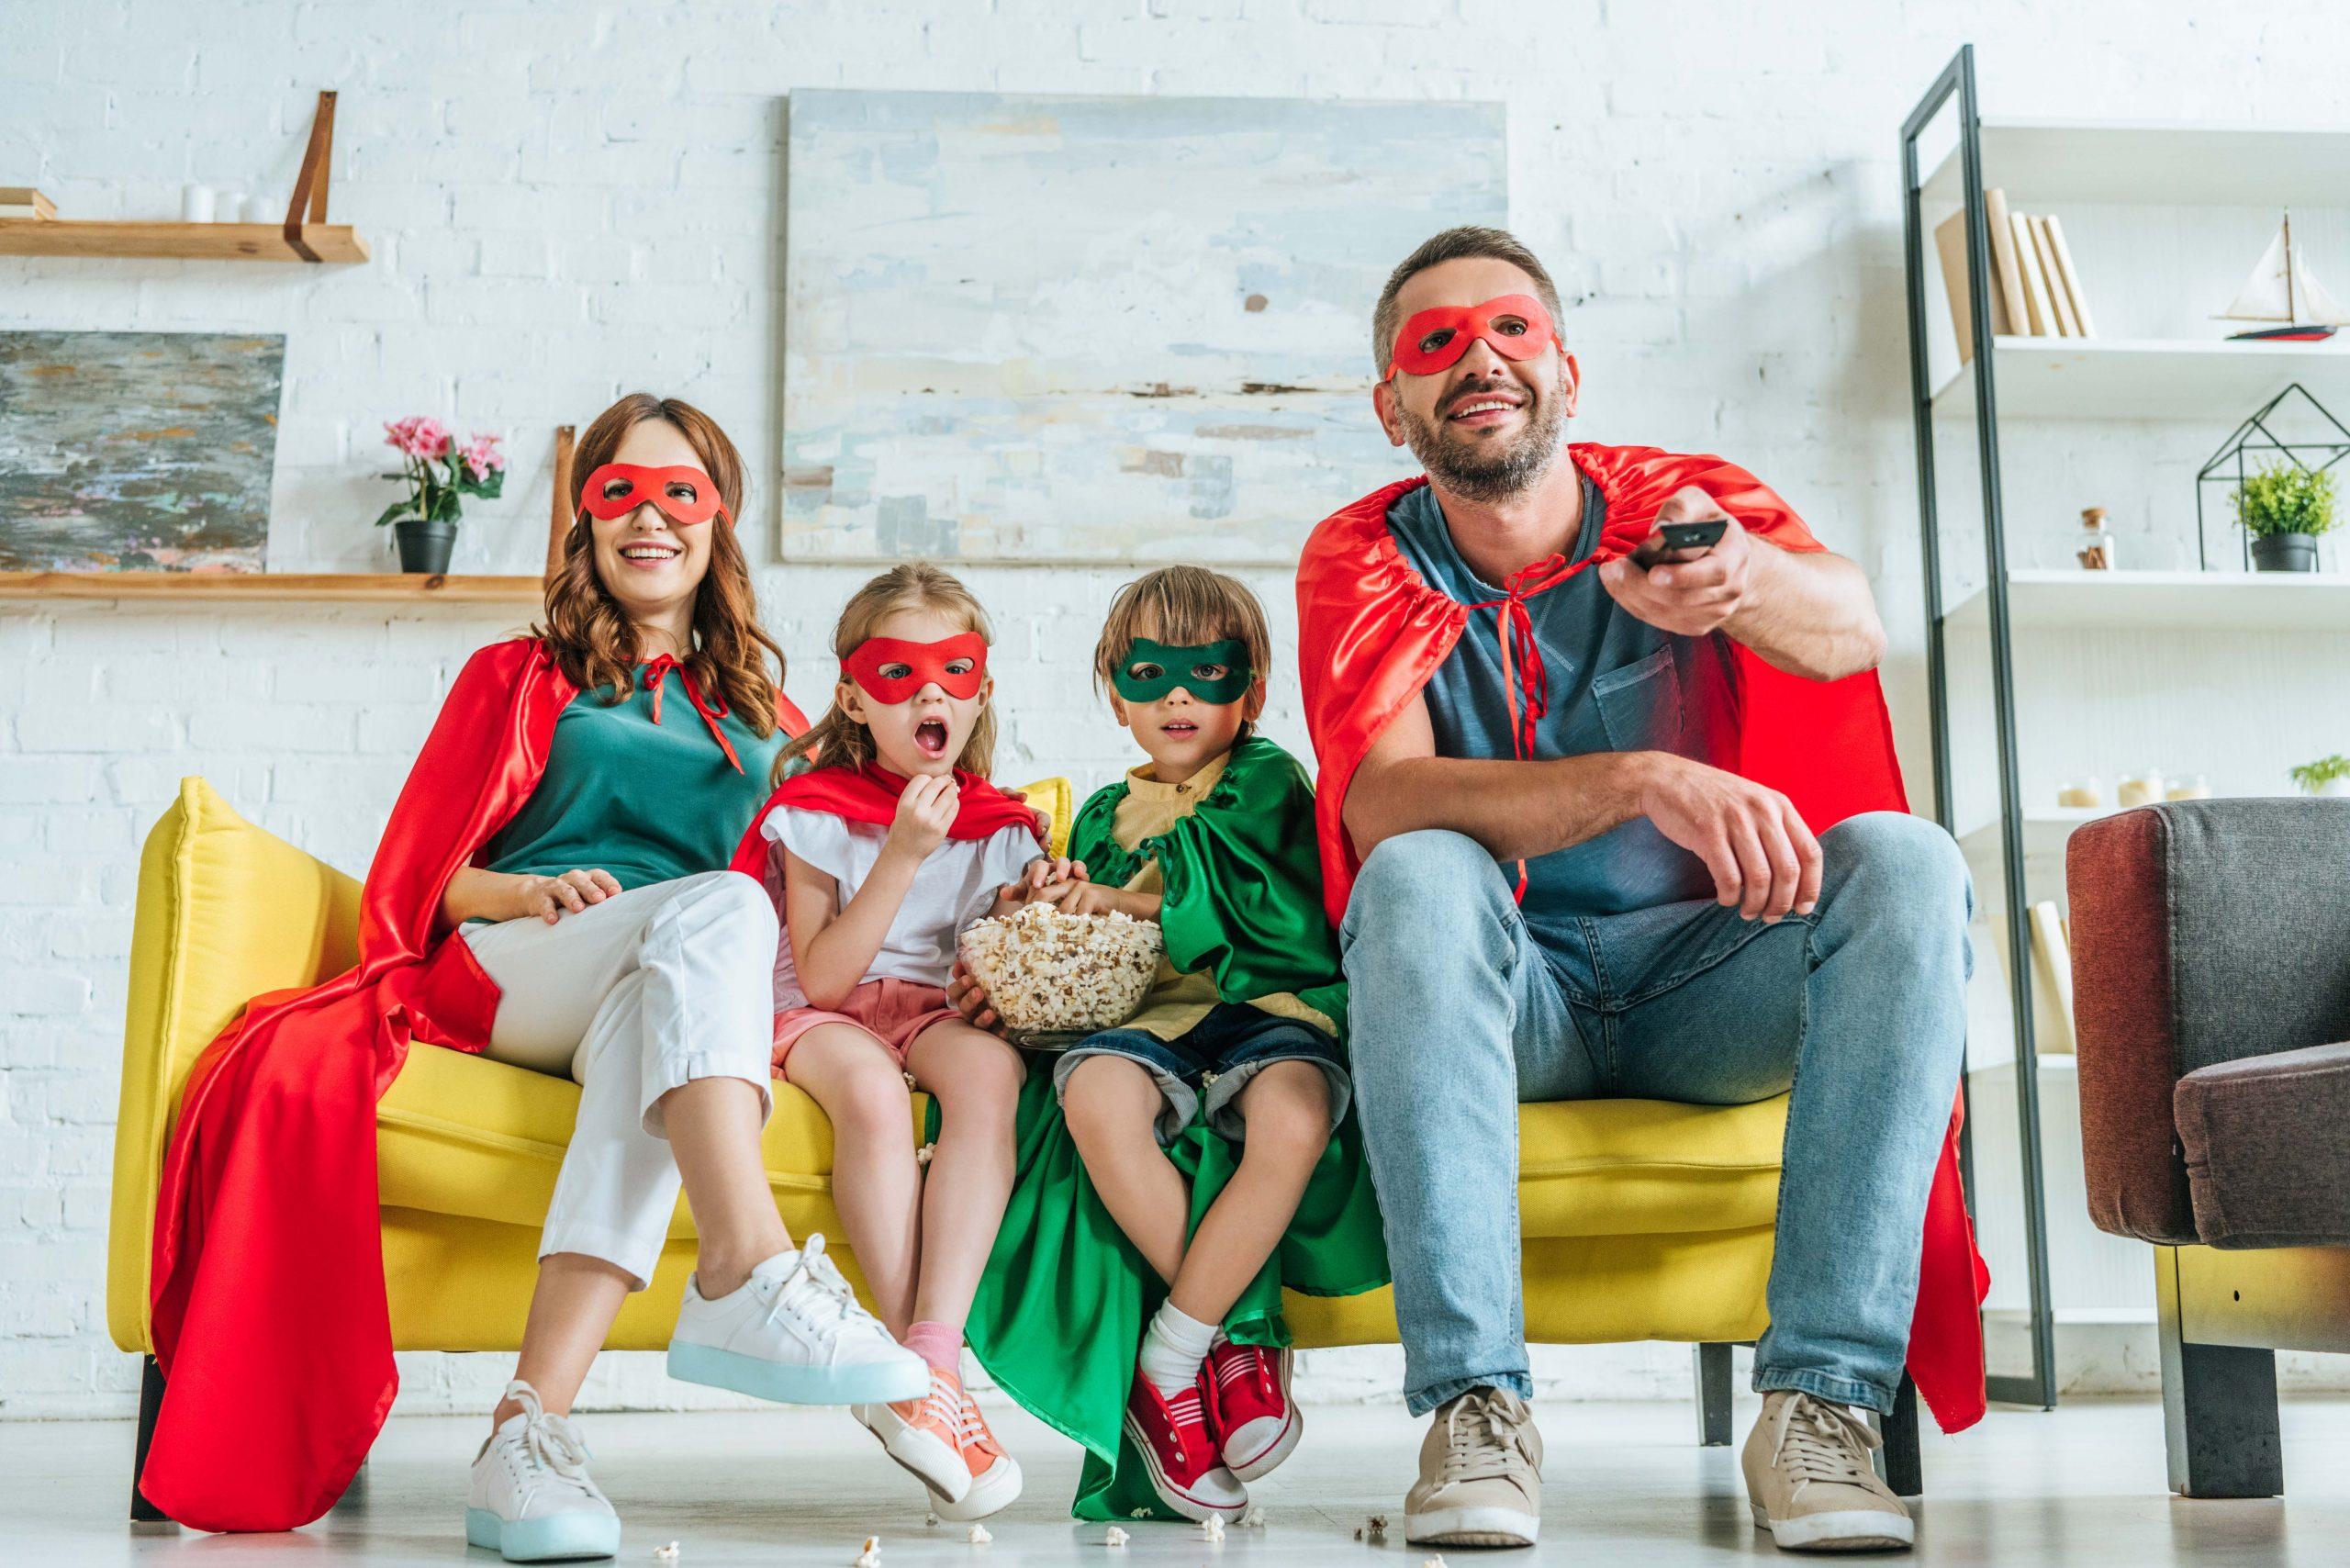 Familia disfrutando disfrazada en casa